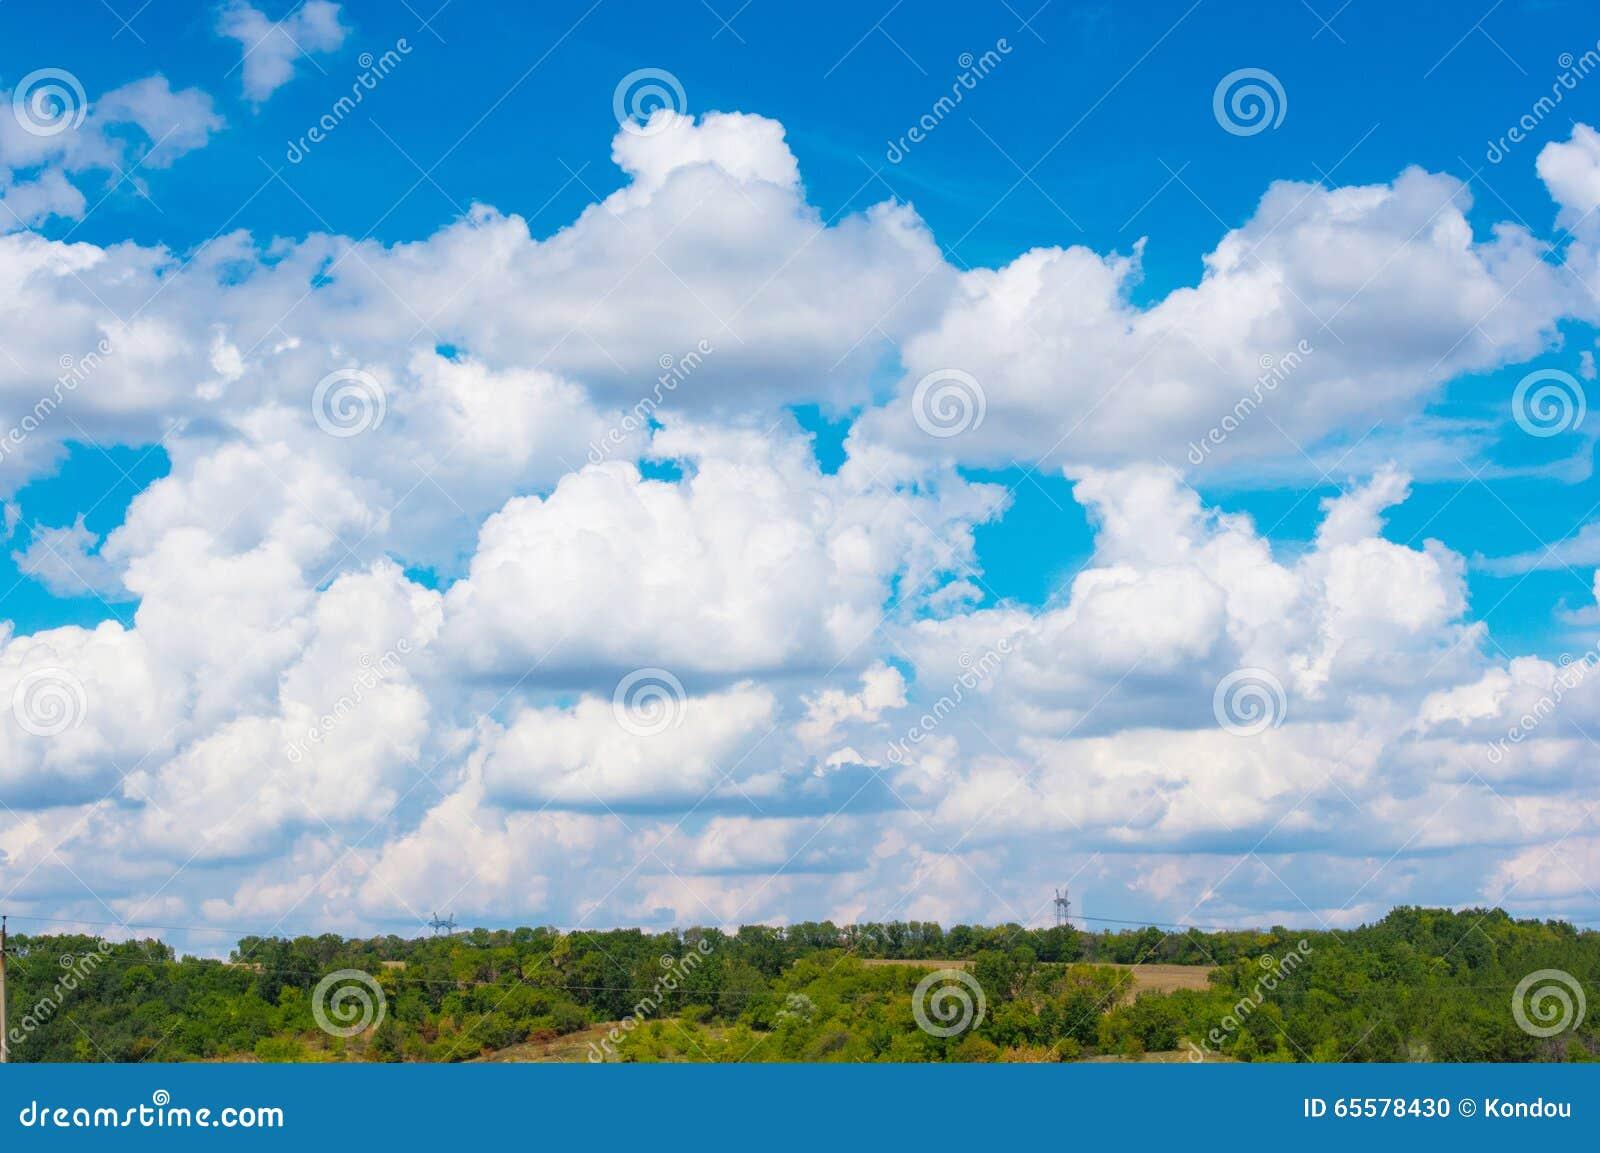 Paisagem do verão com grama verde e nuvens